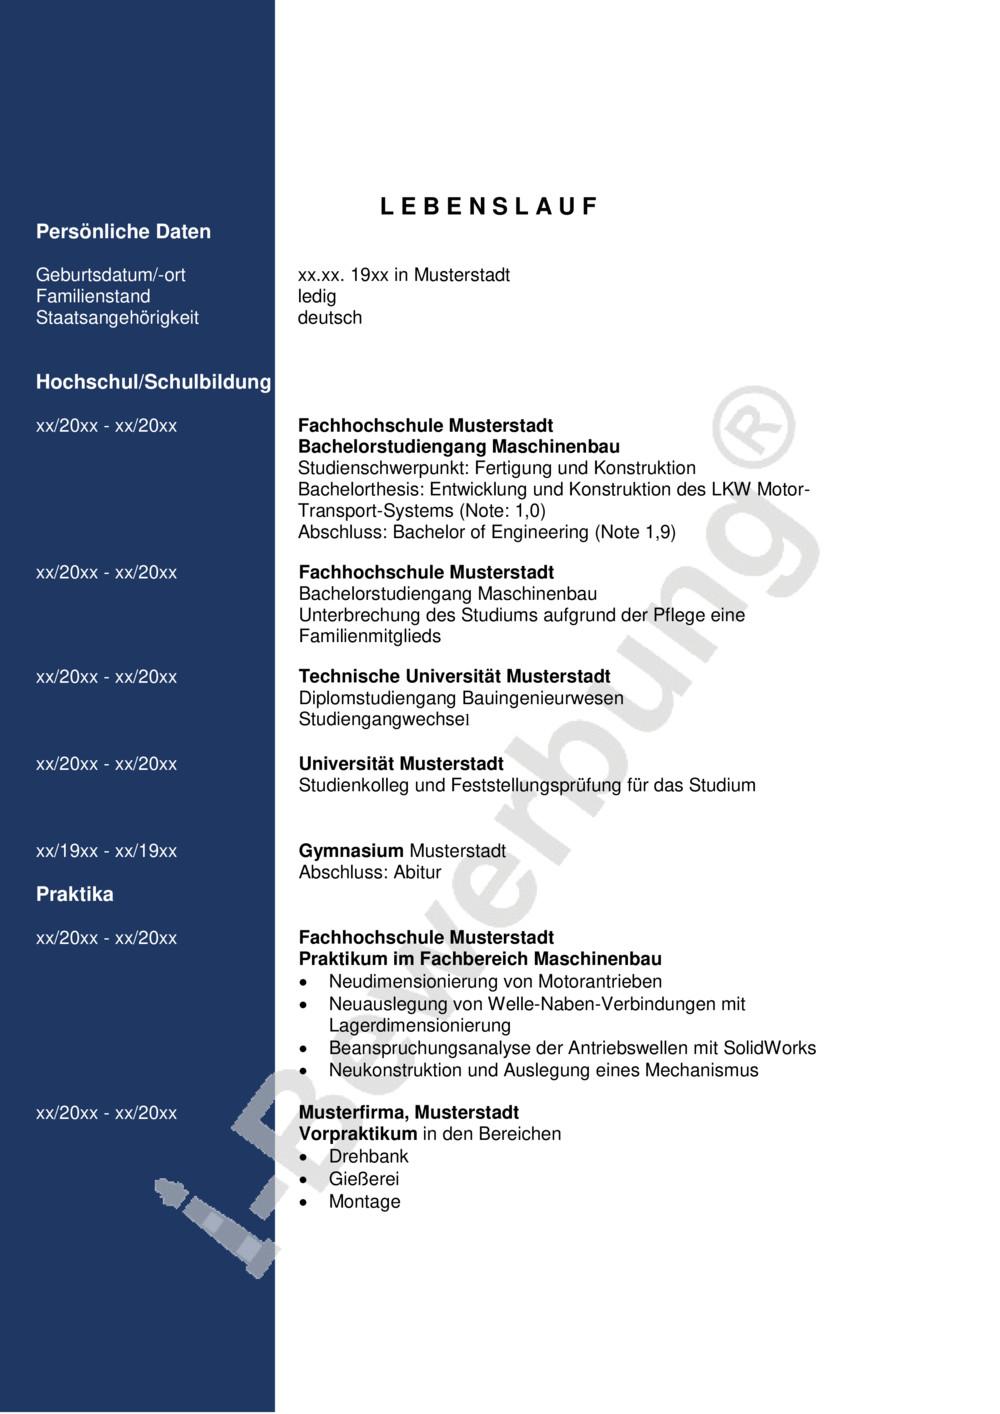 Lebenslauf Vorlage Ausbildung Kostenloser Download 13